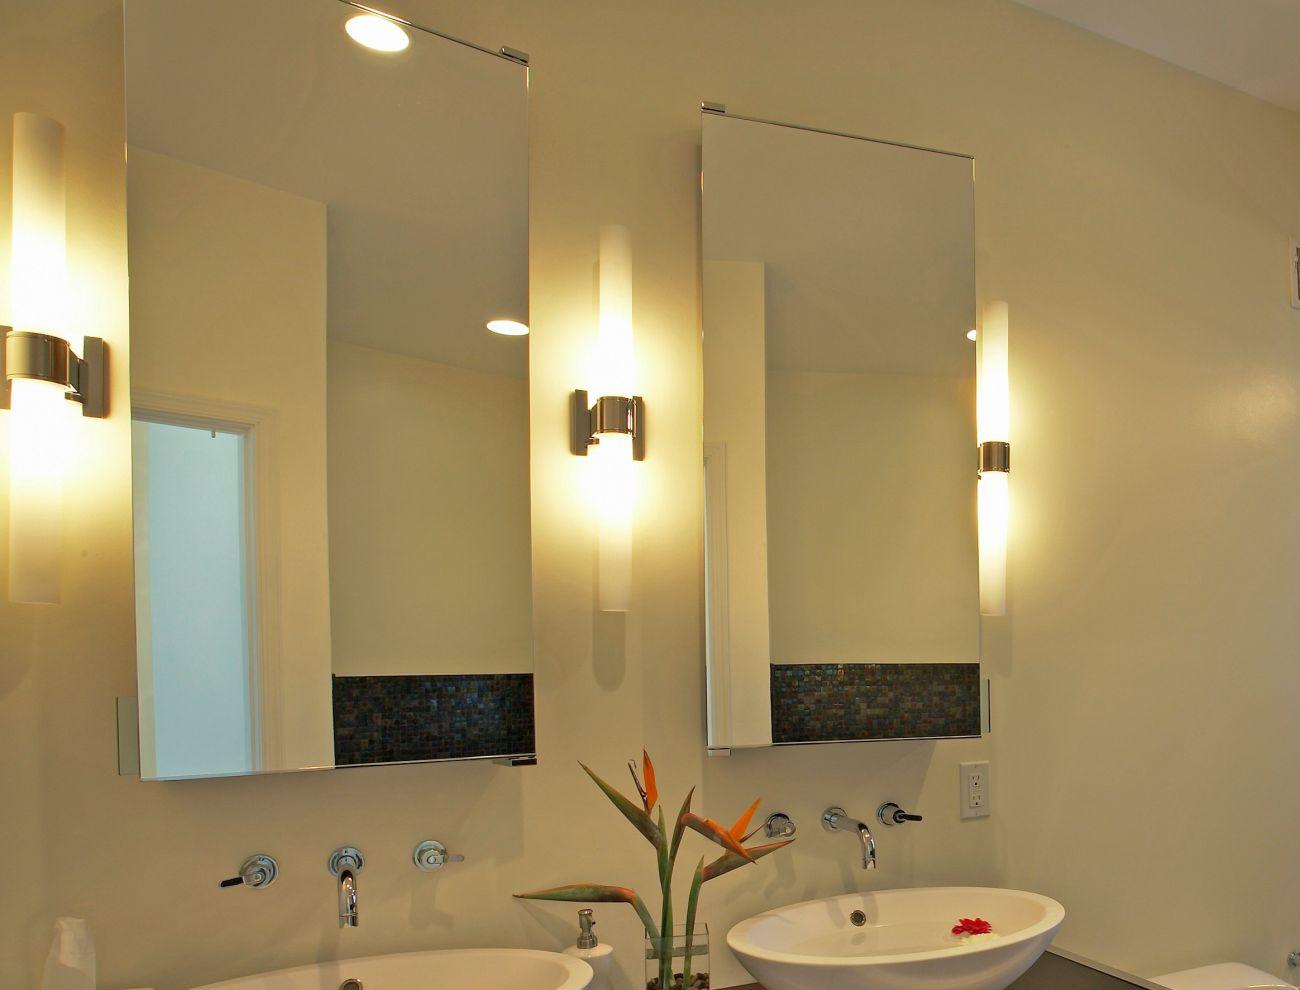 یک نمونه نورپردازی صحیح آیینه